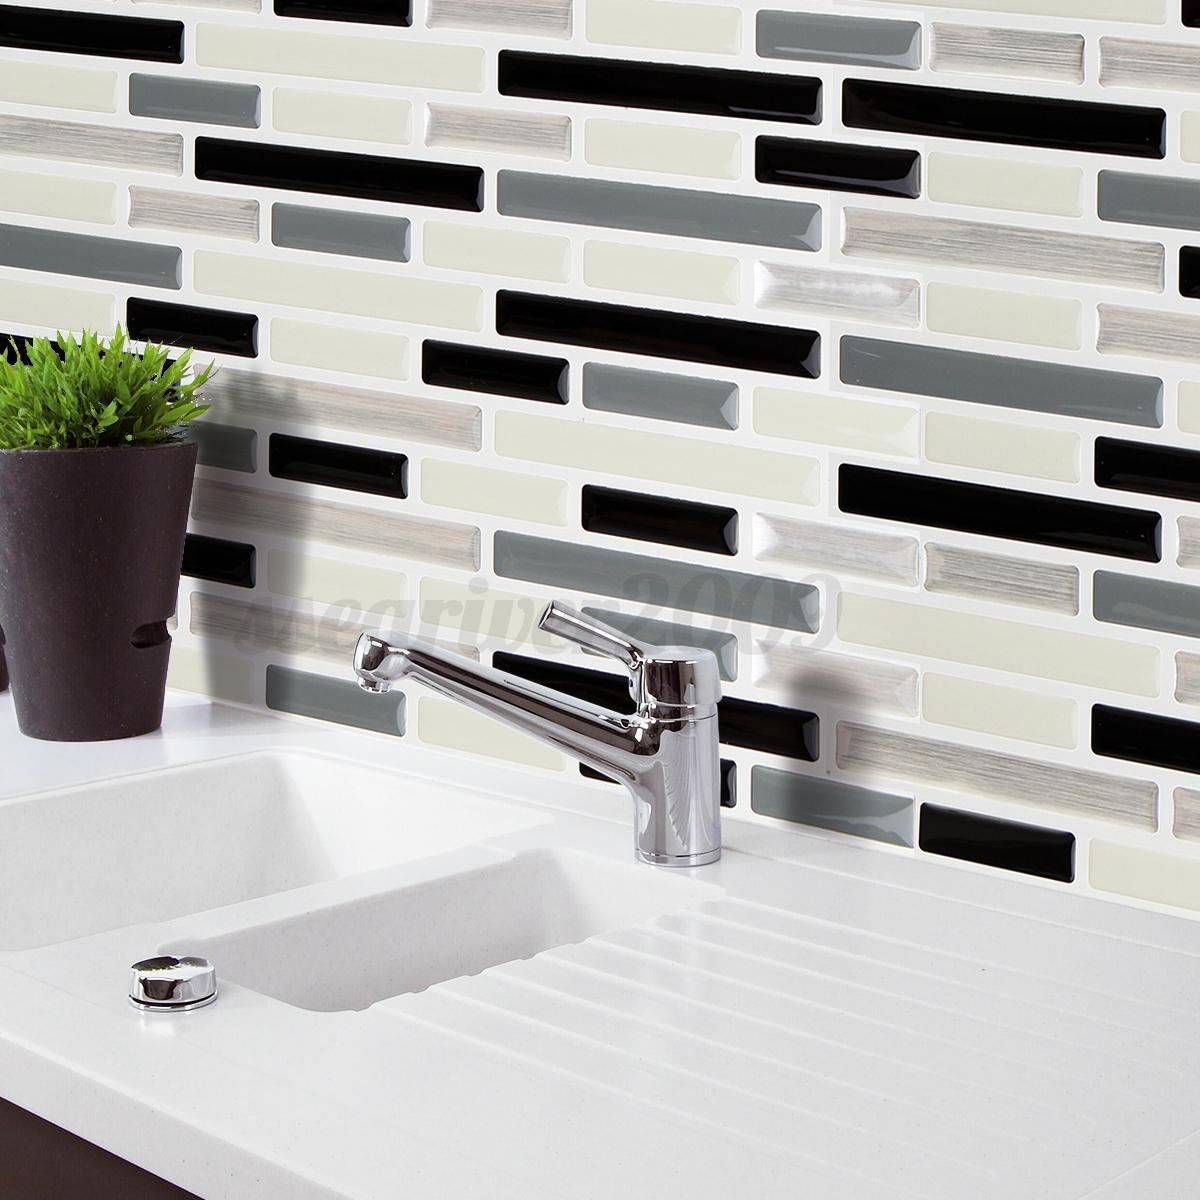 Kitchen Wall Tiles Modern: 3D Mosaic Tile Modern Wall Foil Sticker Bathroom Kitchen